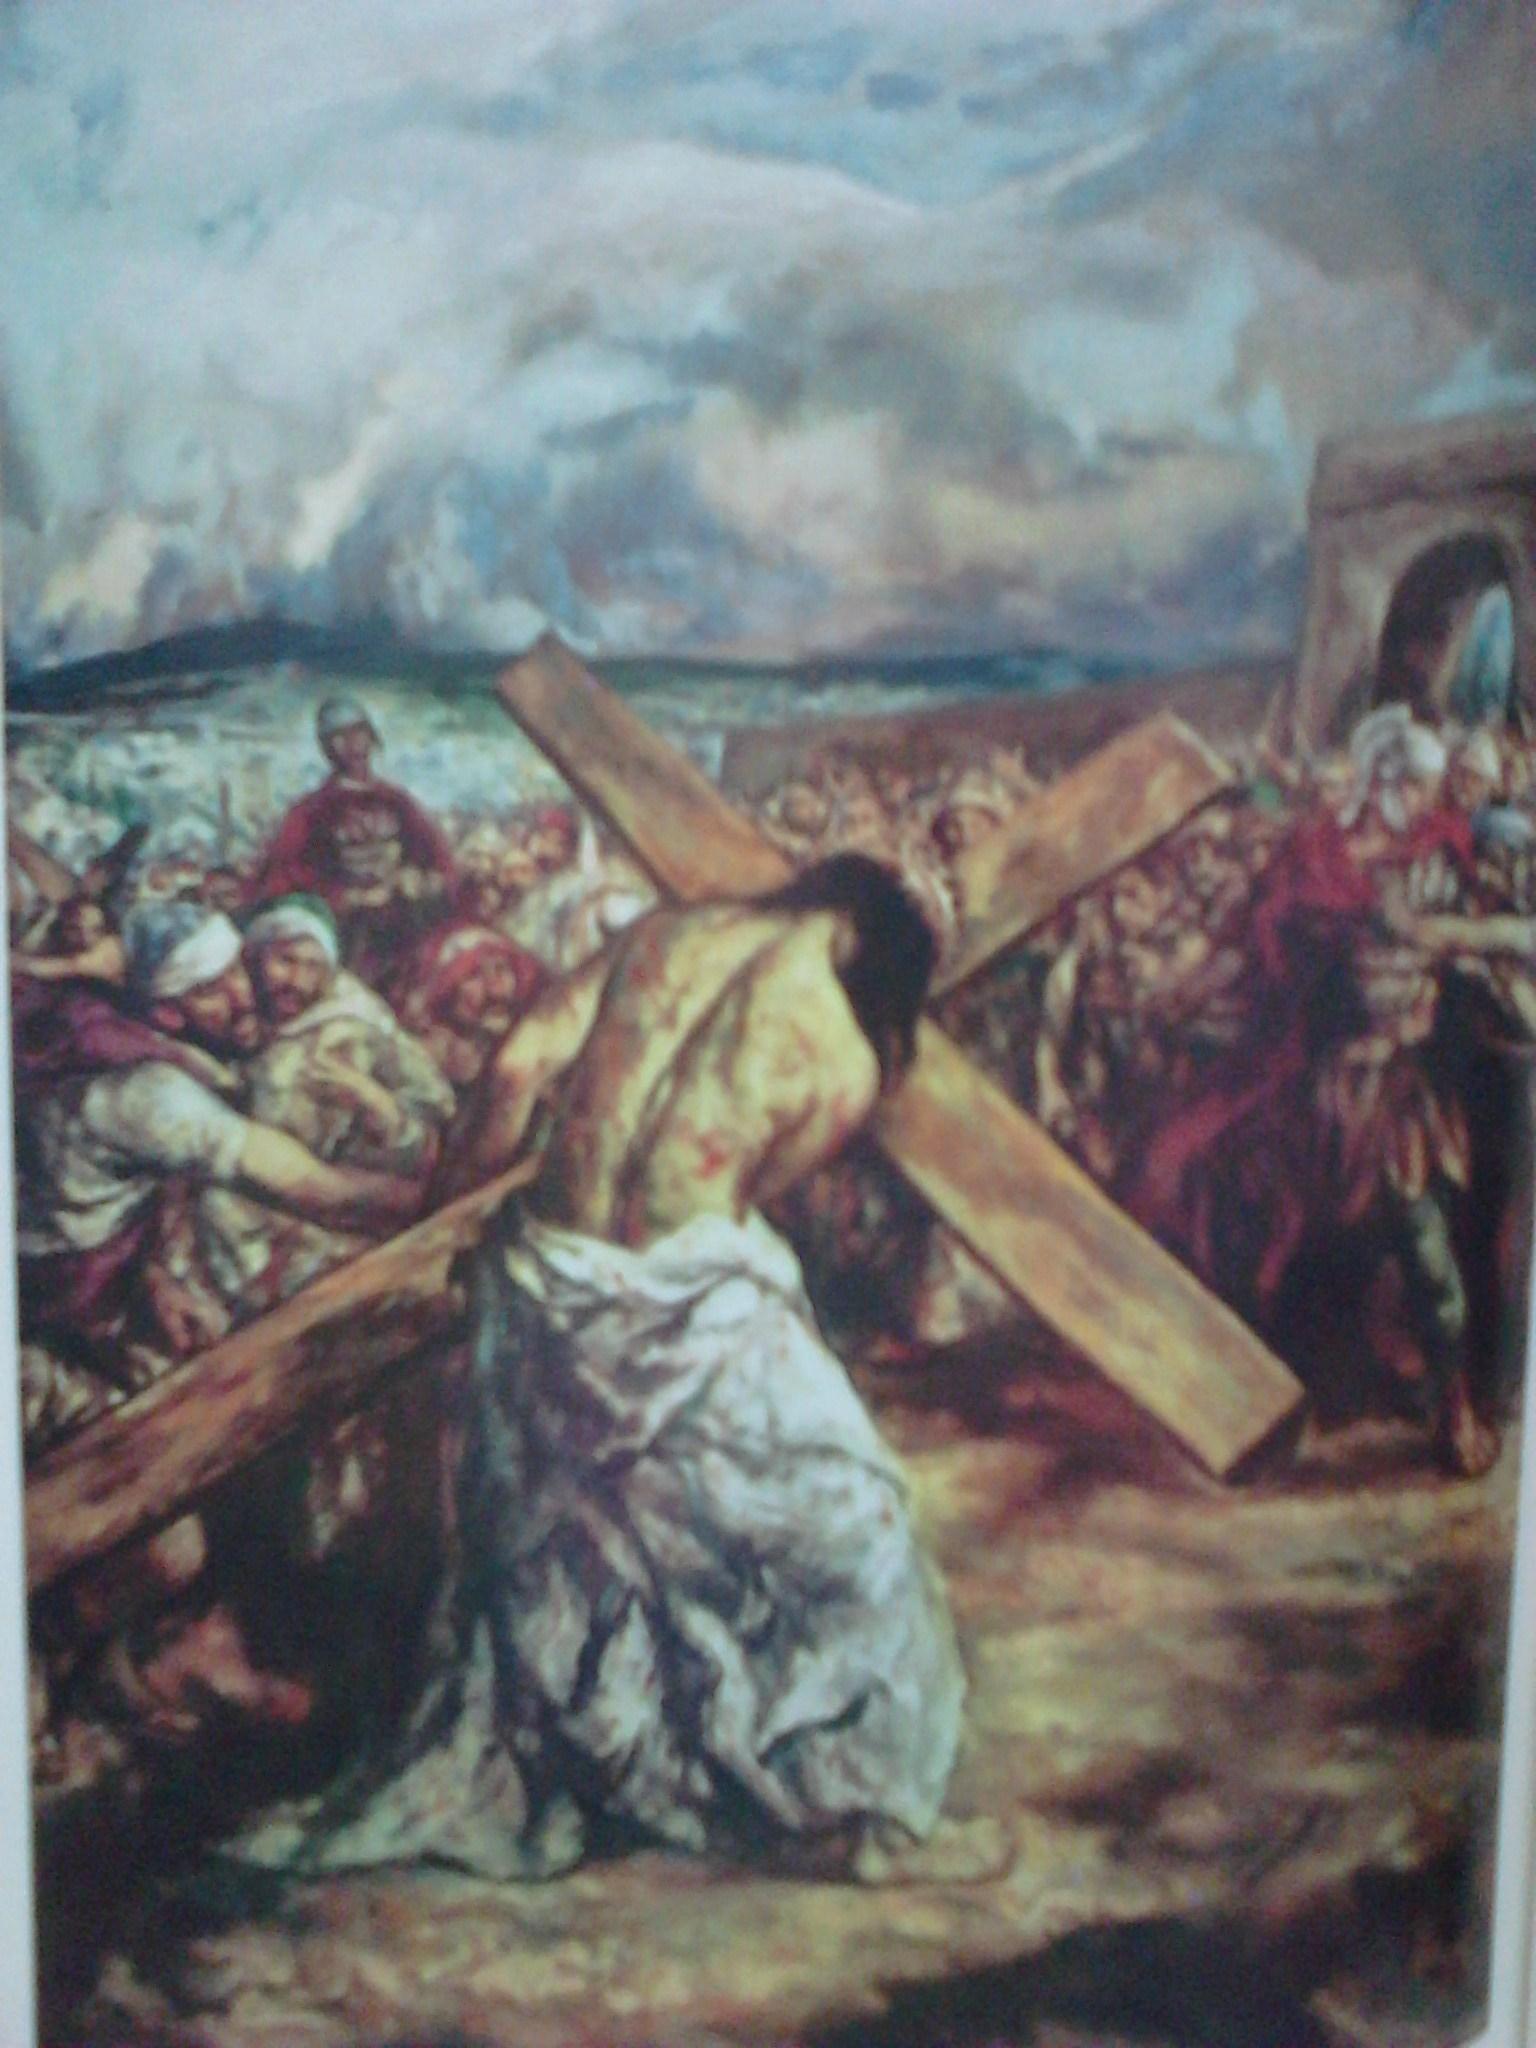 jJesús carga con la cruz acuestas krouillong comunion en la mano